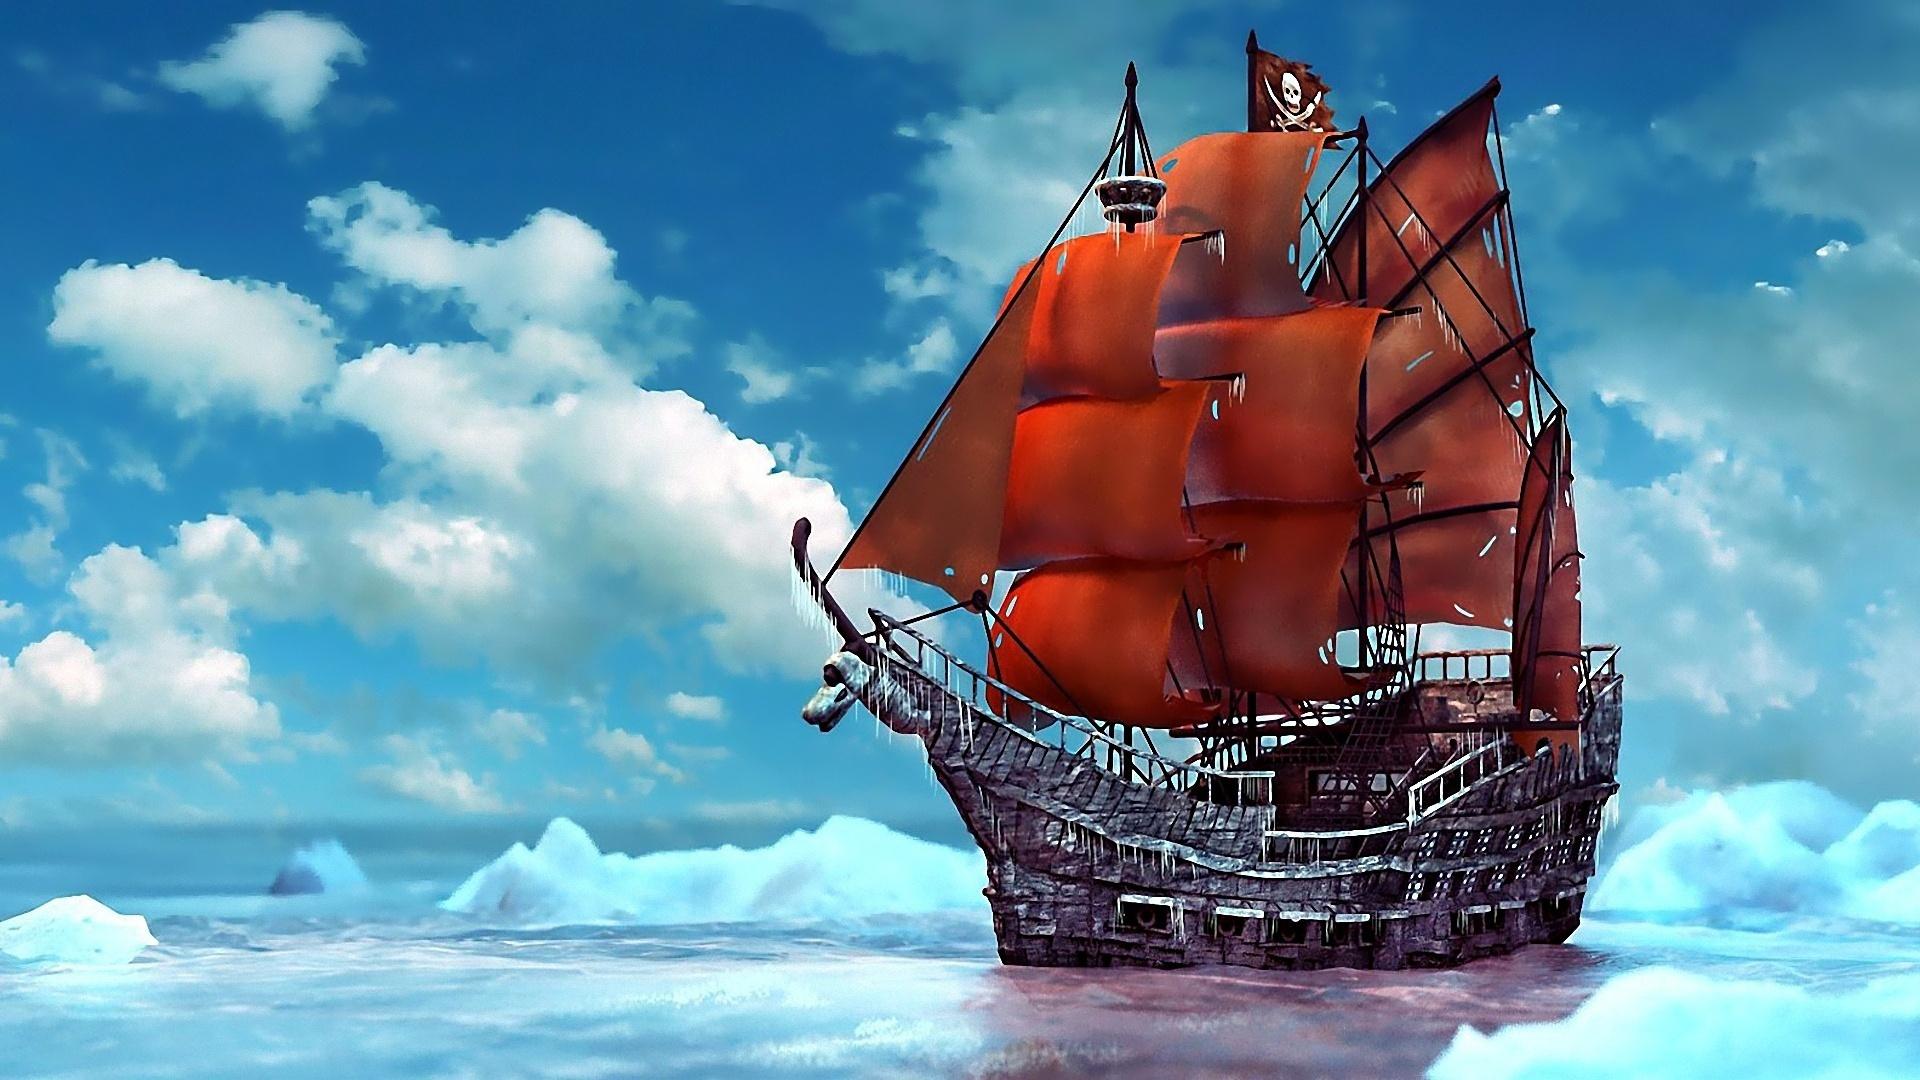 Hd wallpaper pirates of the caribbean - Pirate Ship Wallpaper Hd Wallpapersafari